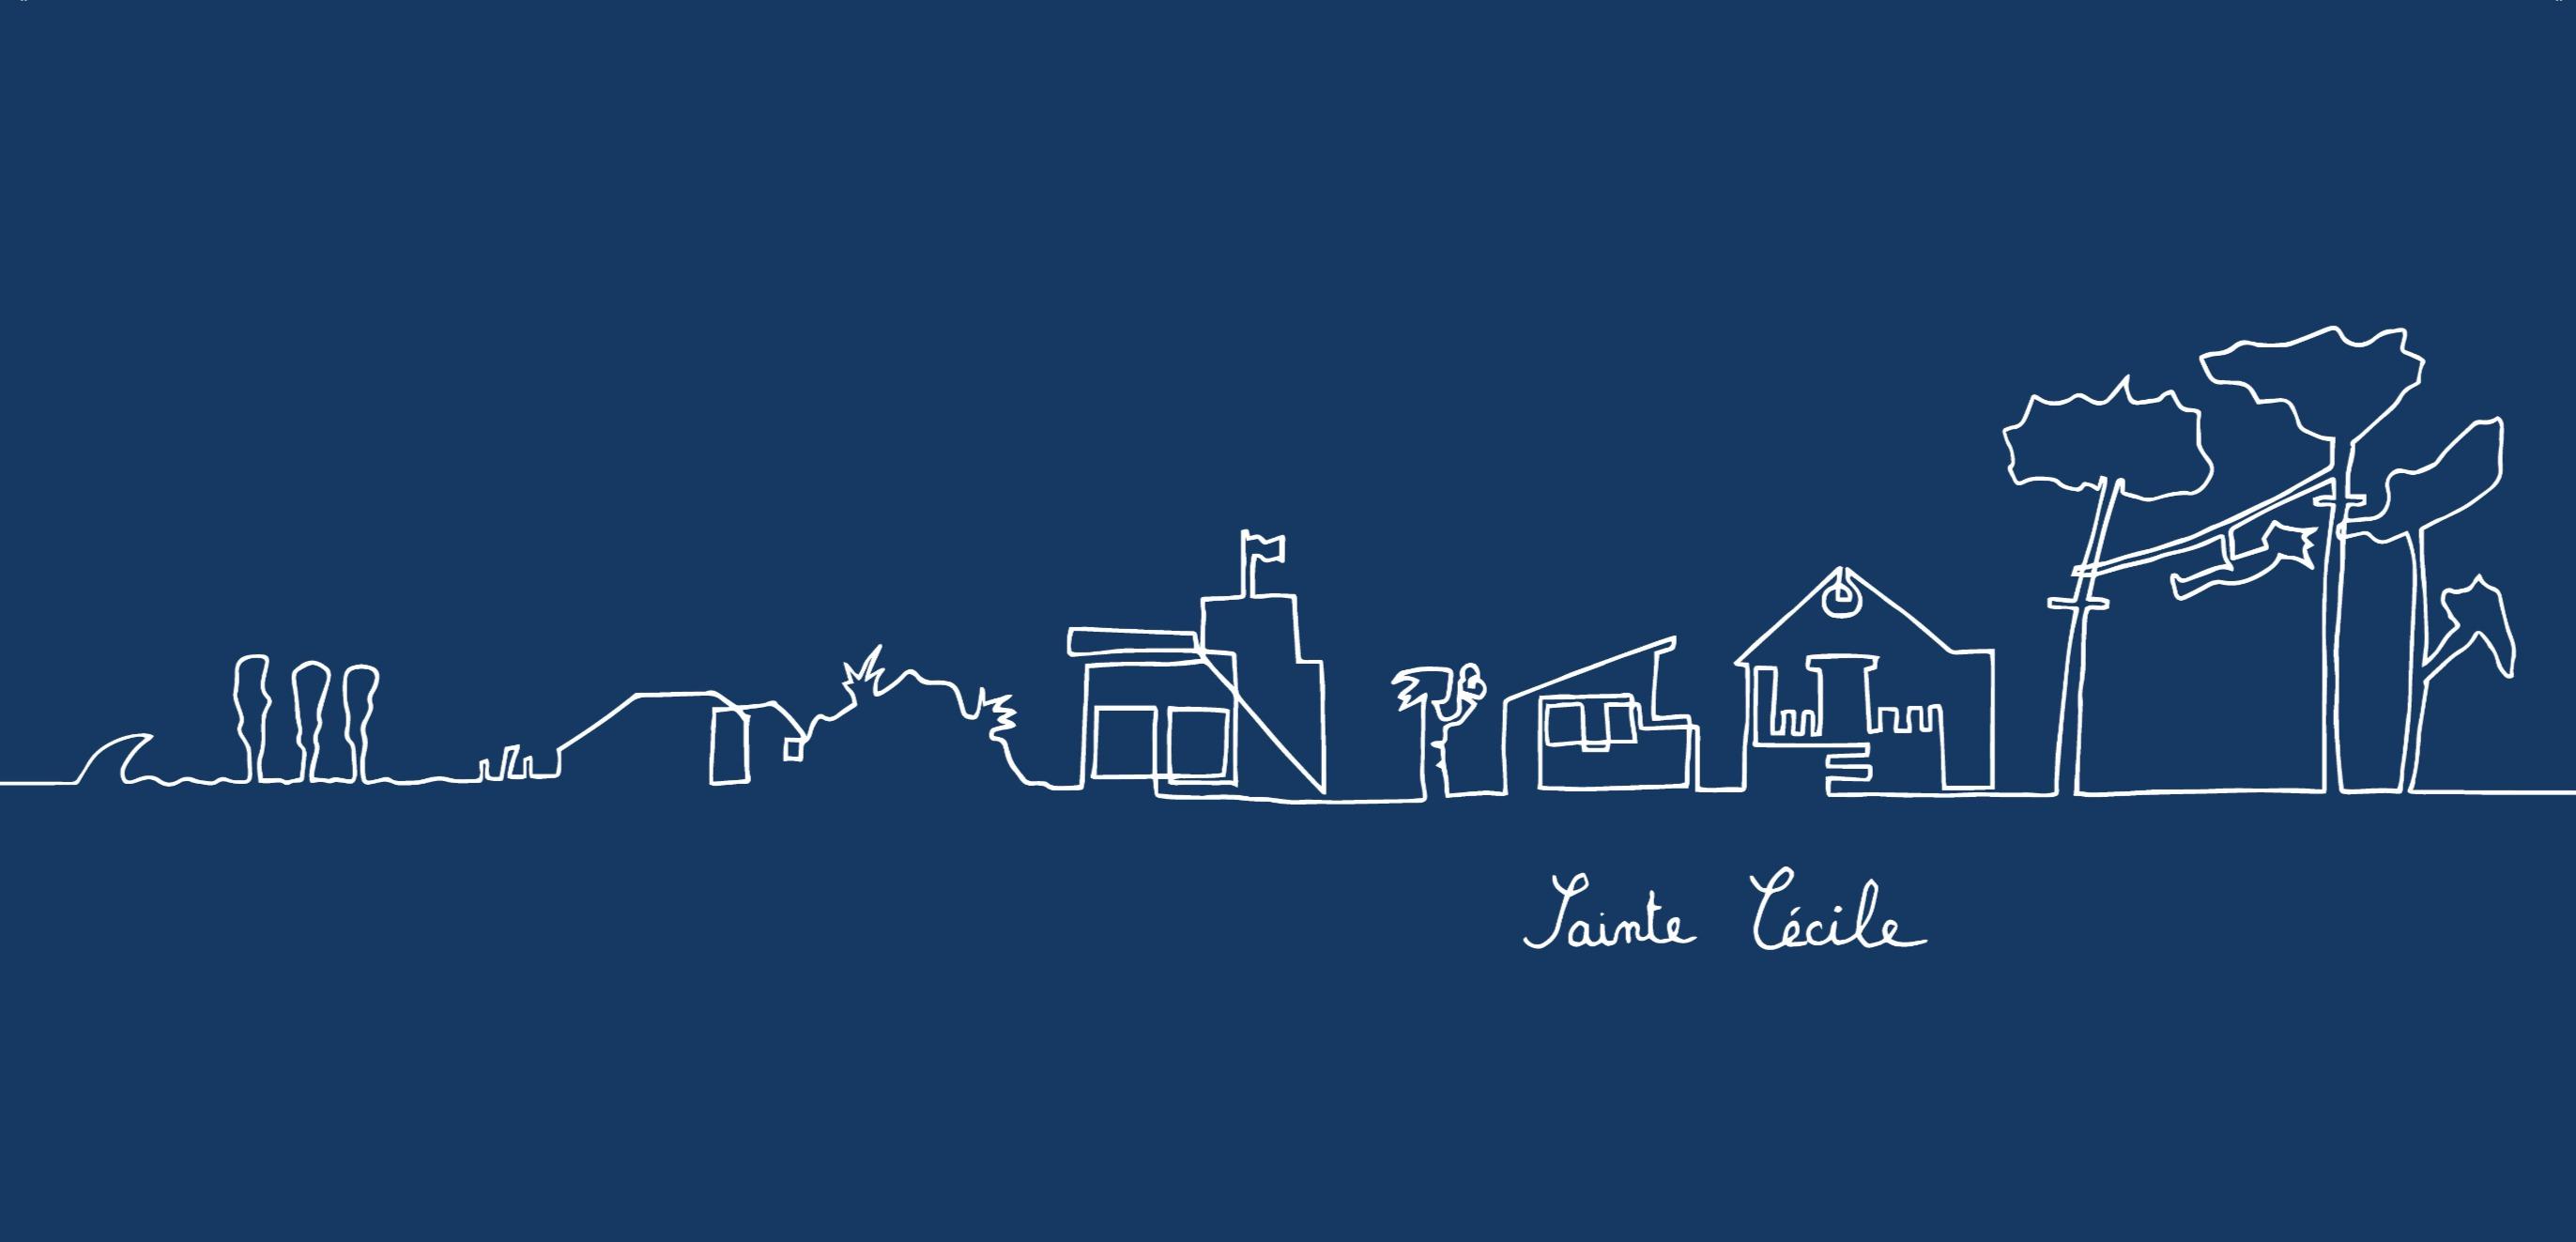 Bleu - Sainte Cécile